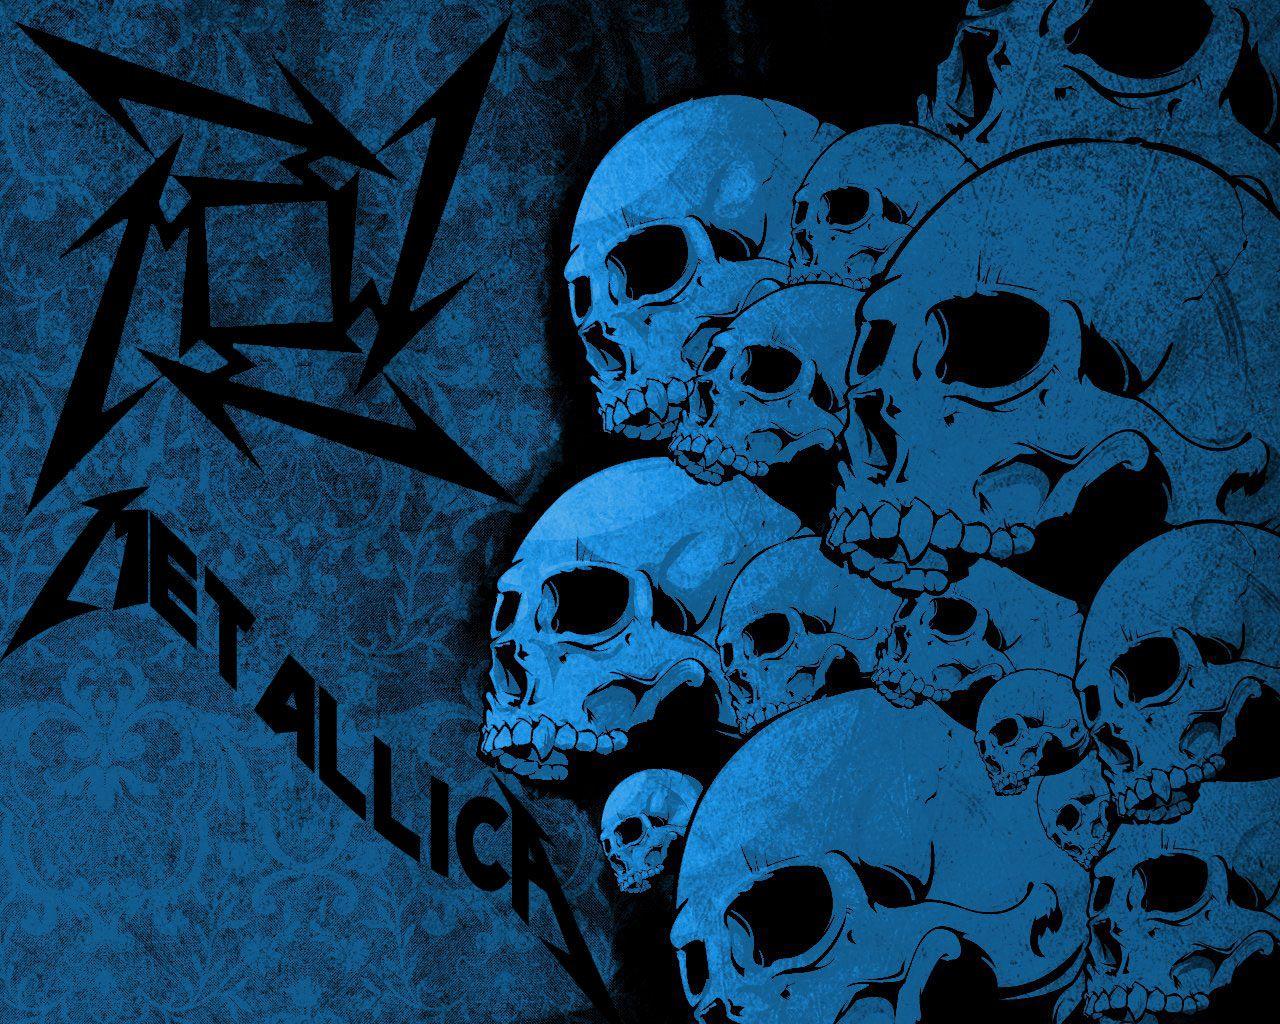 Fondos De Pantalla Wallpapers De Bandas De Metal